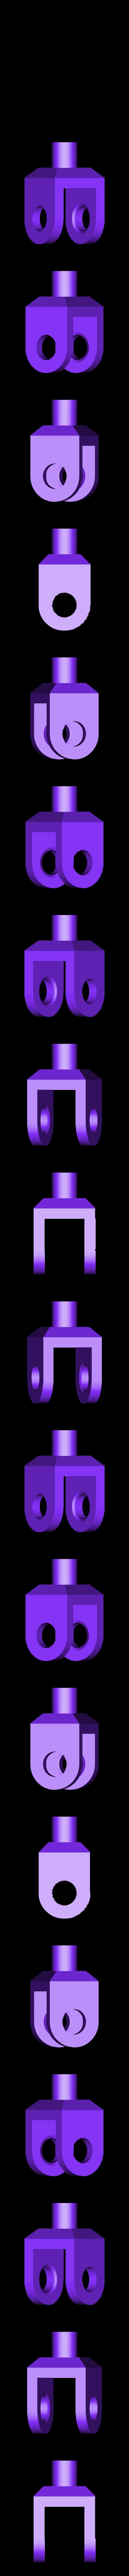 pin_clip.stl Télécharger fichier STL gratuit Jeu de construction ChainClip • Modèle à imprimer en 3D, ferjerez3d